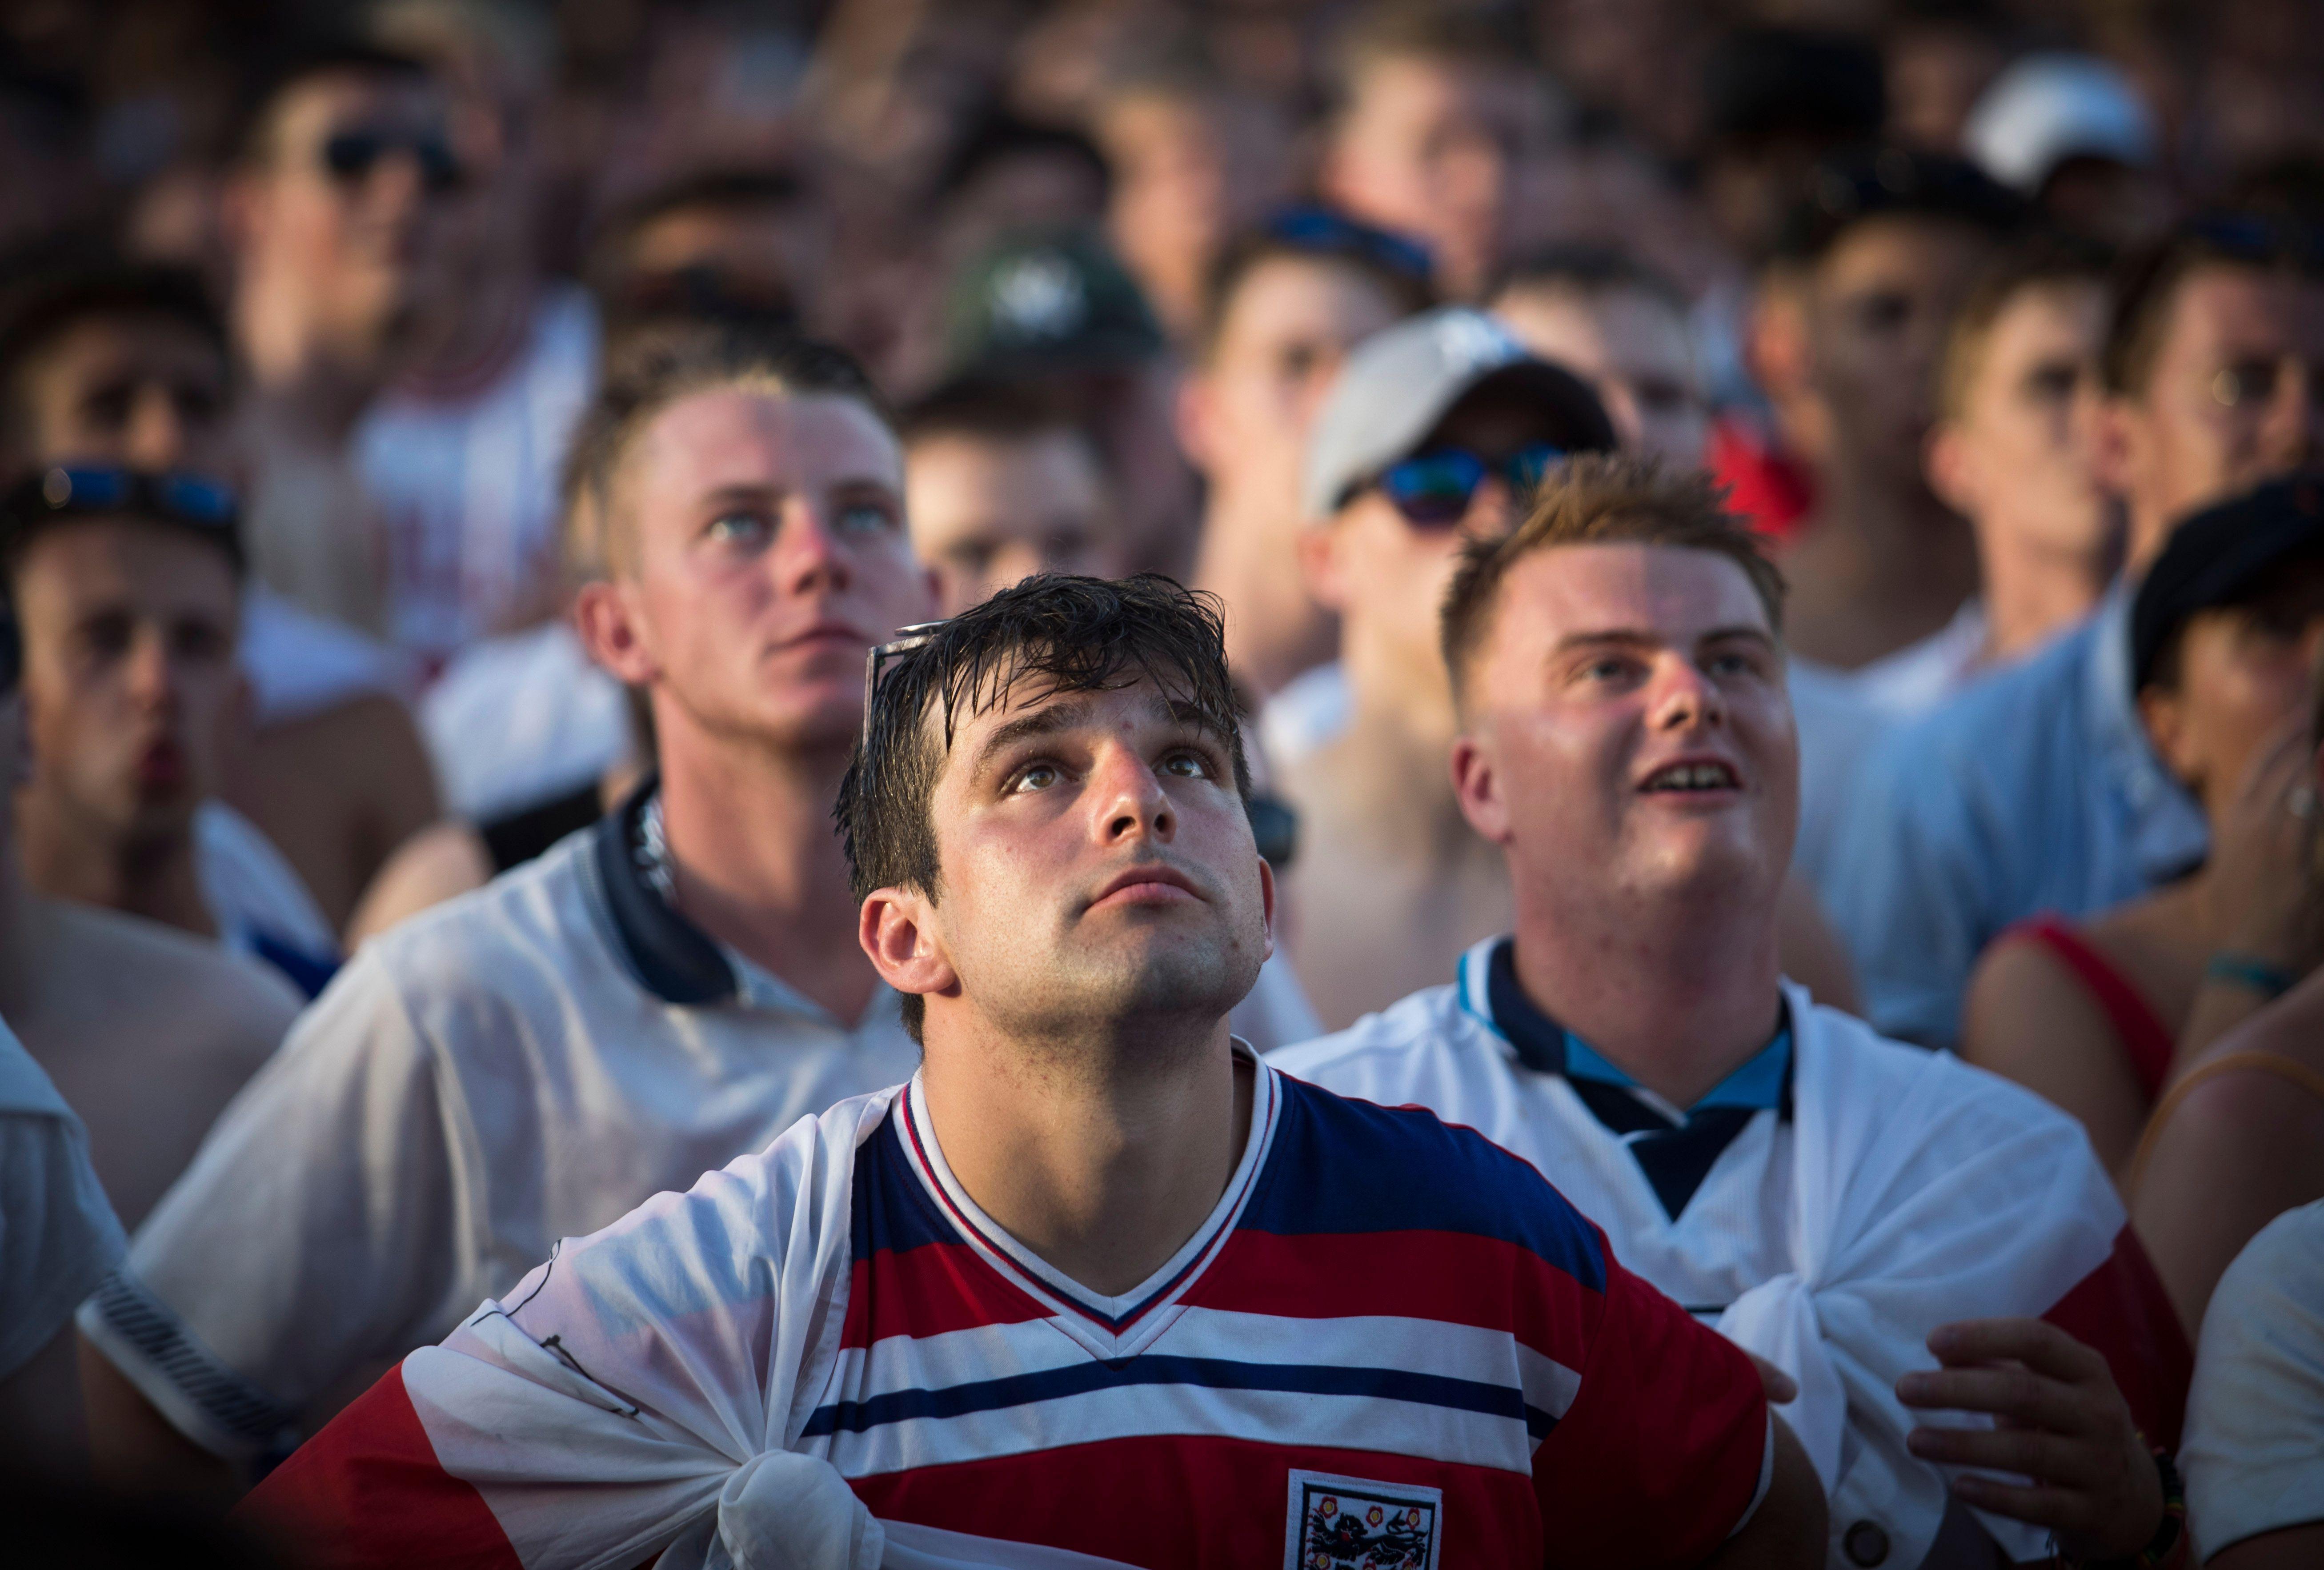 Being an England fan isn't always easy